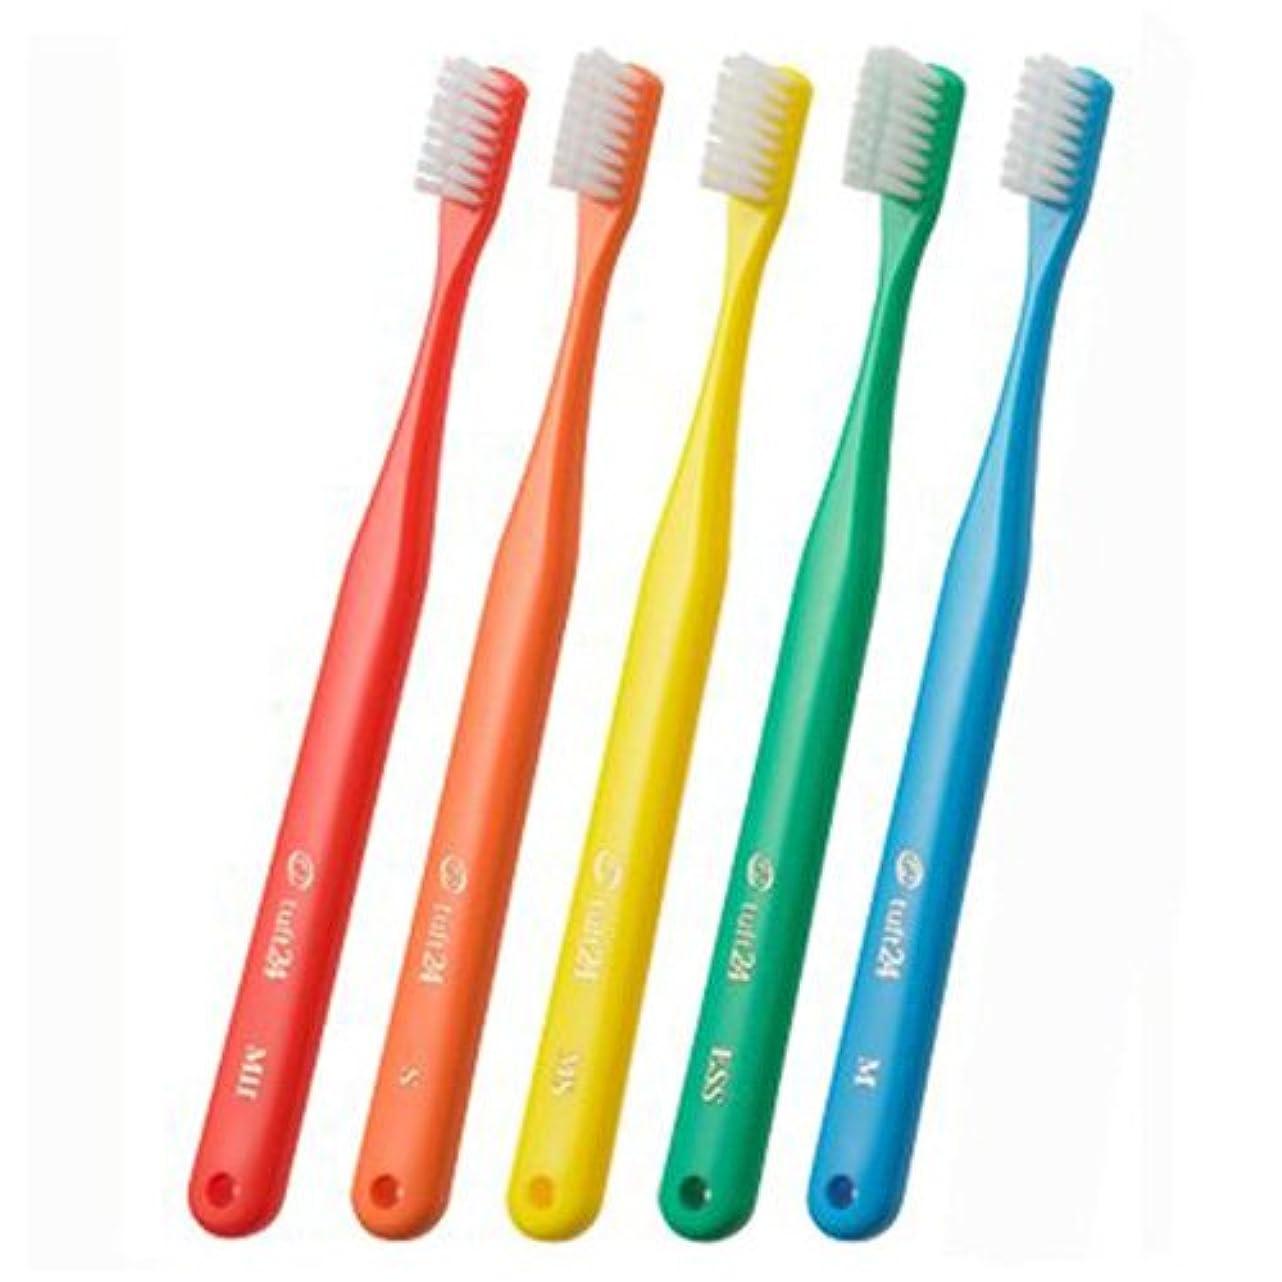 髄ふくろう事オーラルケア タフト24 一般成人用 3列歯ブラシ 10本セット  S(ソフト) イエロー